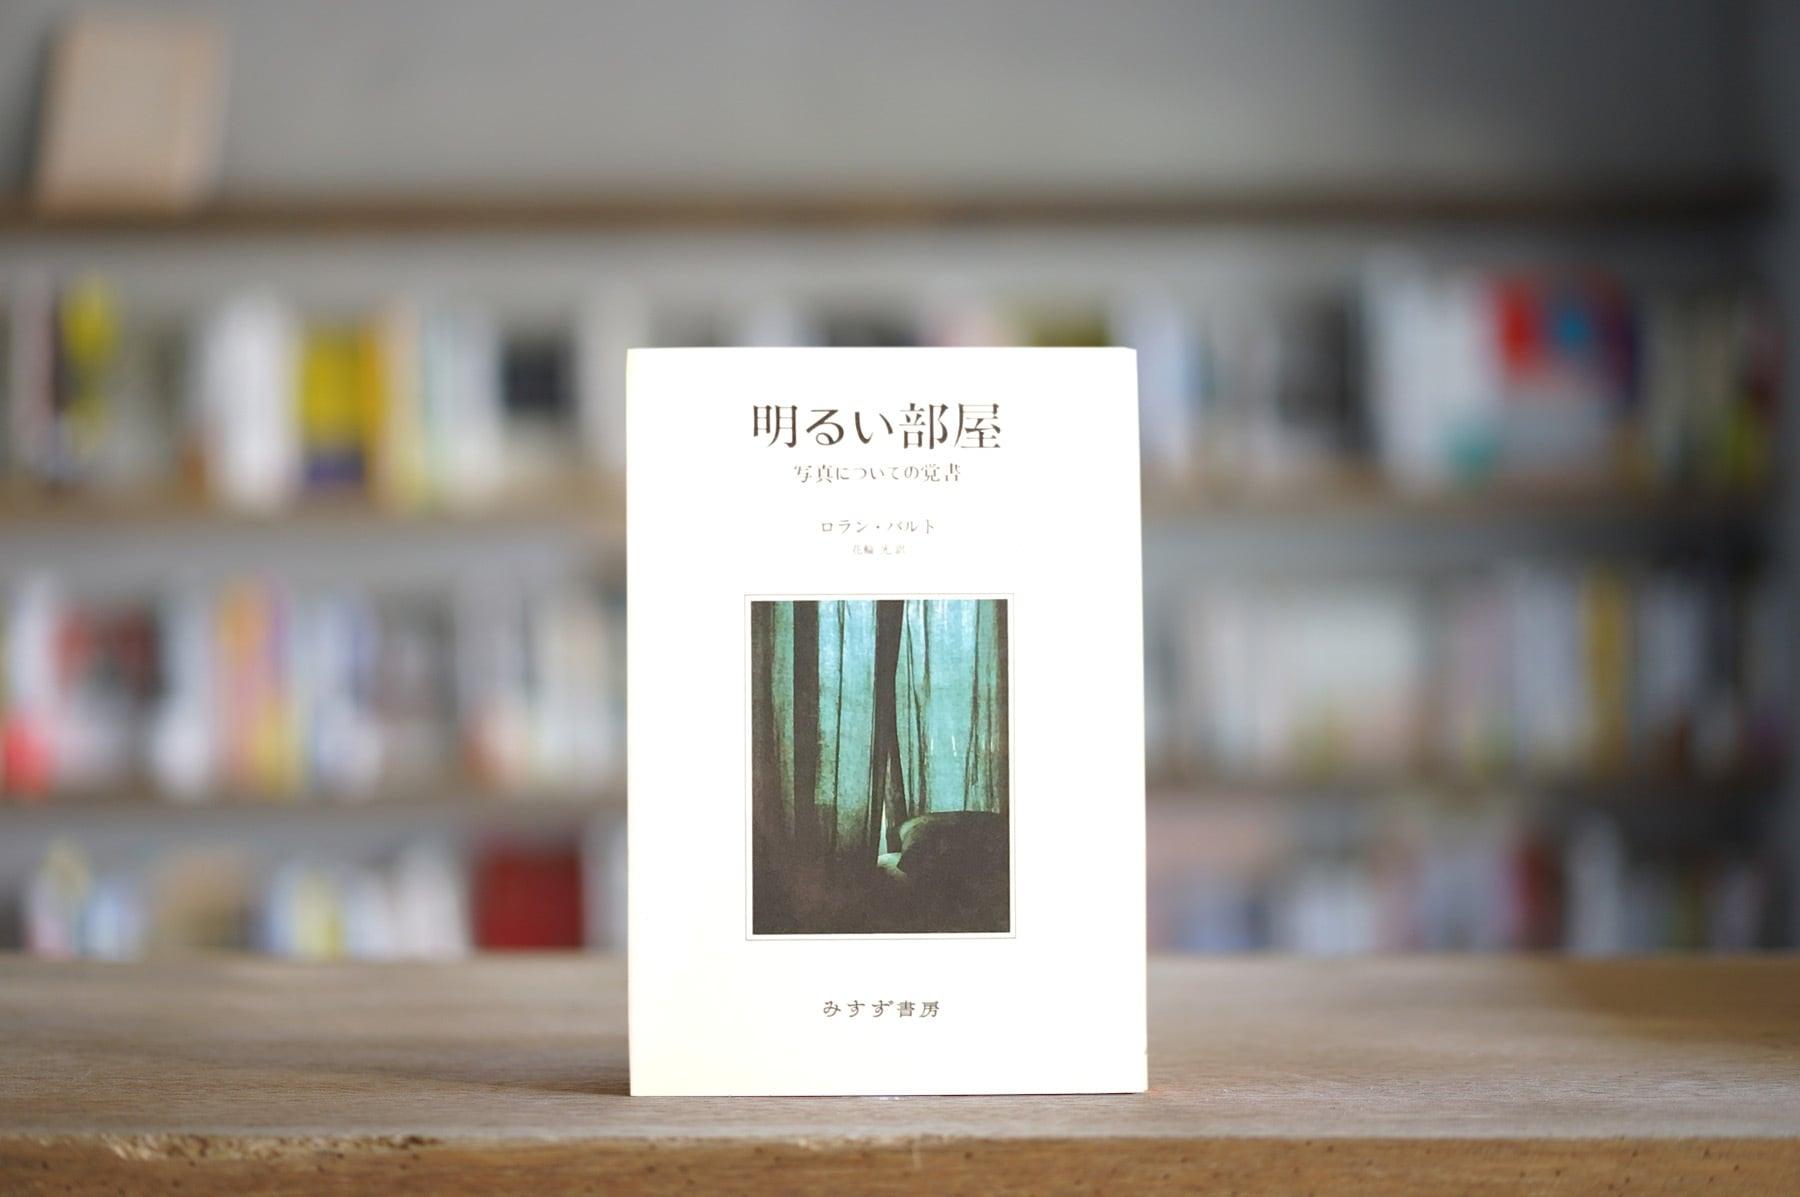 ロラン・バルト 訳:花輪光 『明るい部屋 写真についての覚書』 (みすず書房、1997)